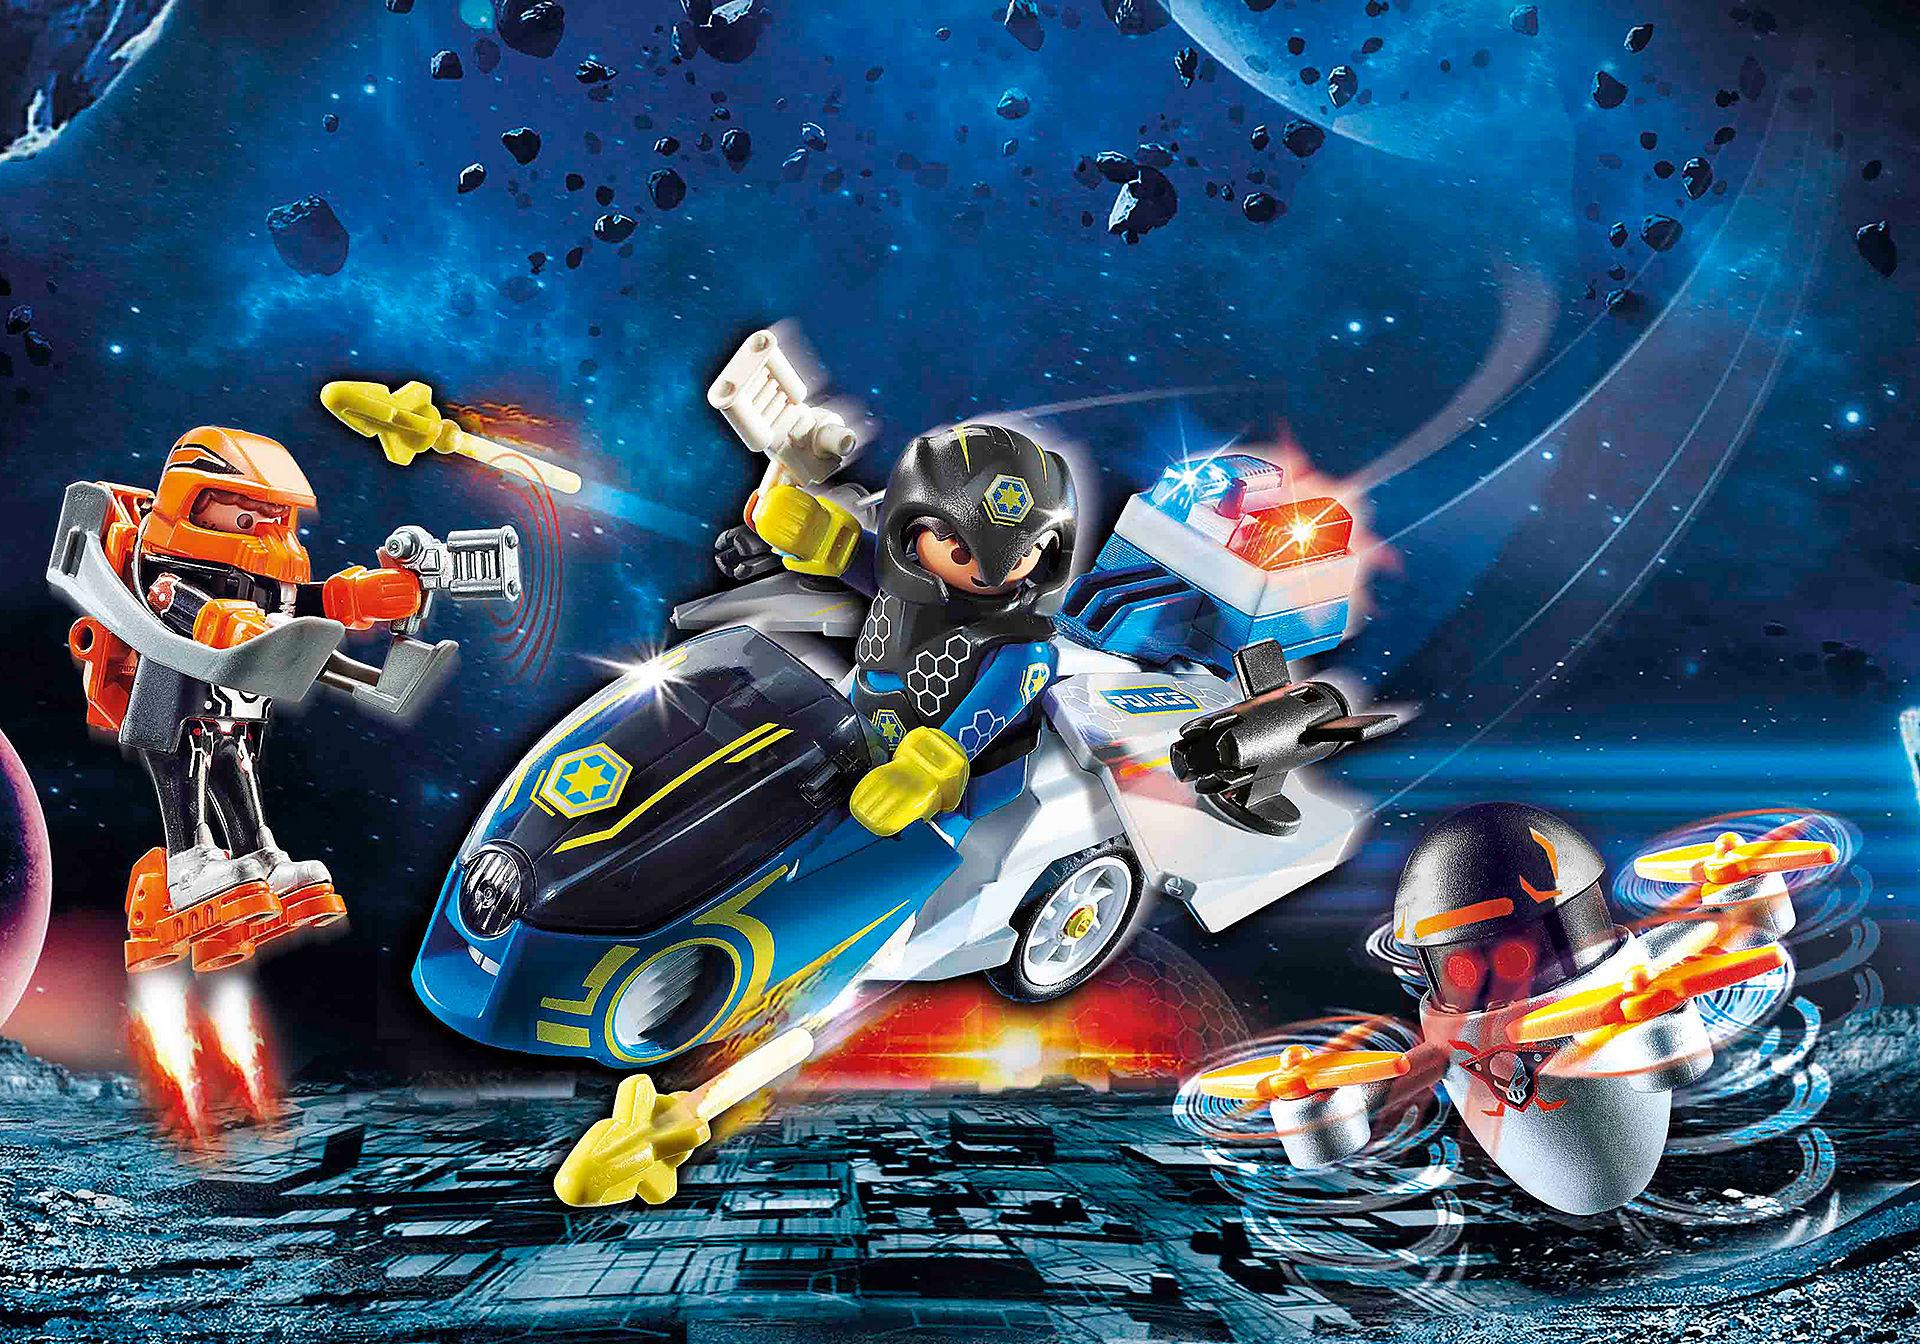 70020 Moto et policier de l'espace  zoom image1